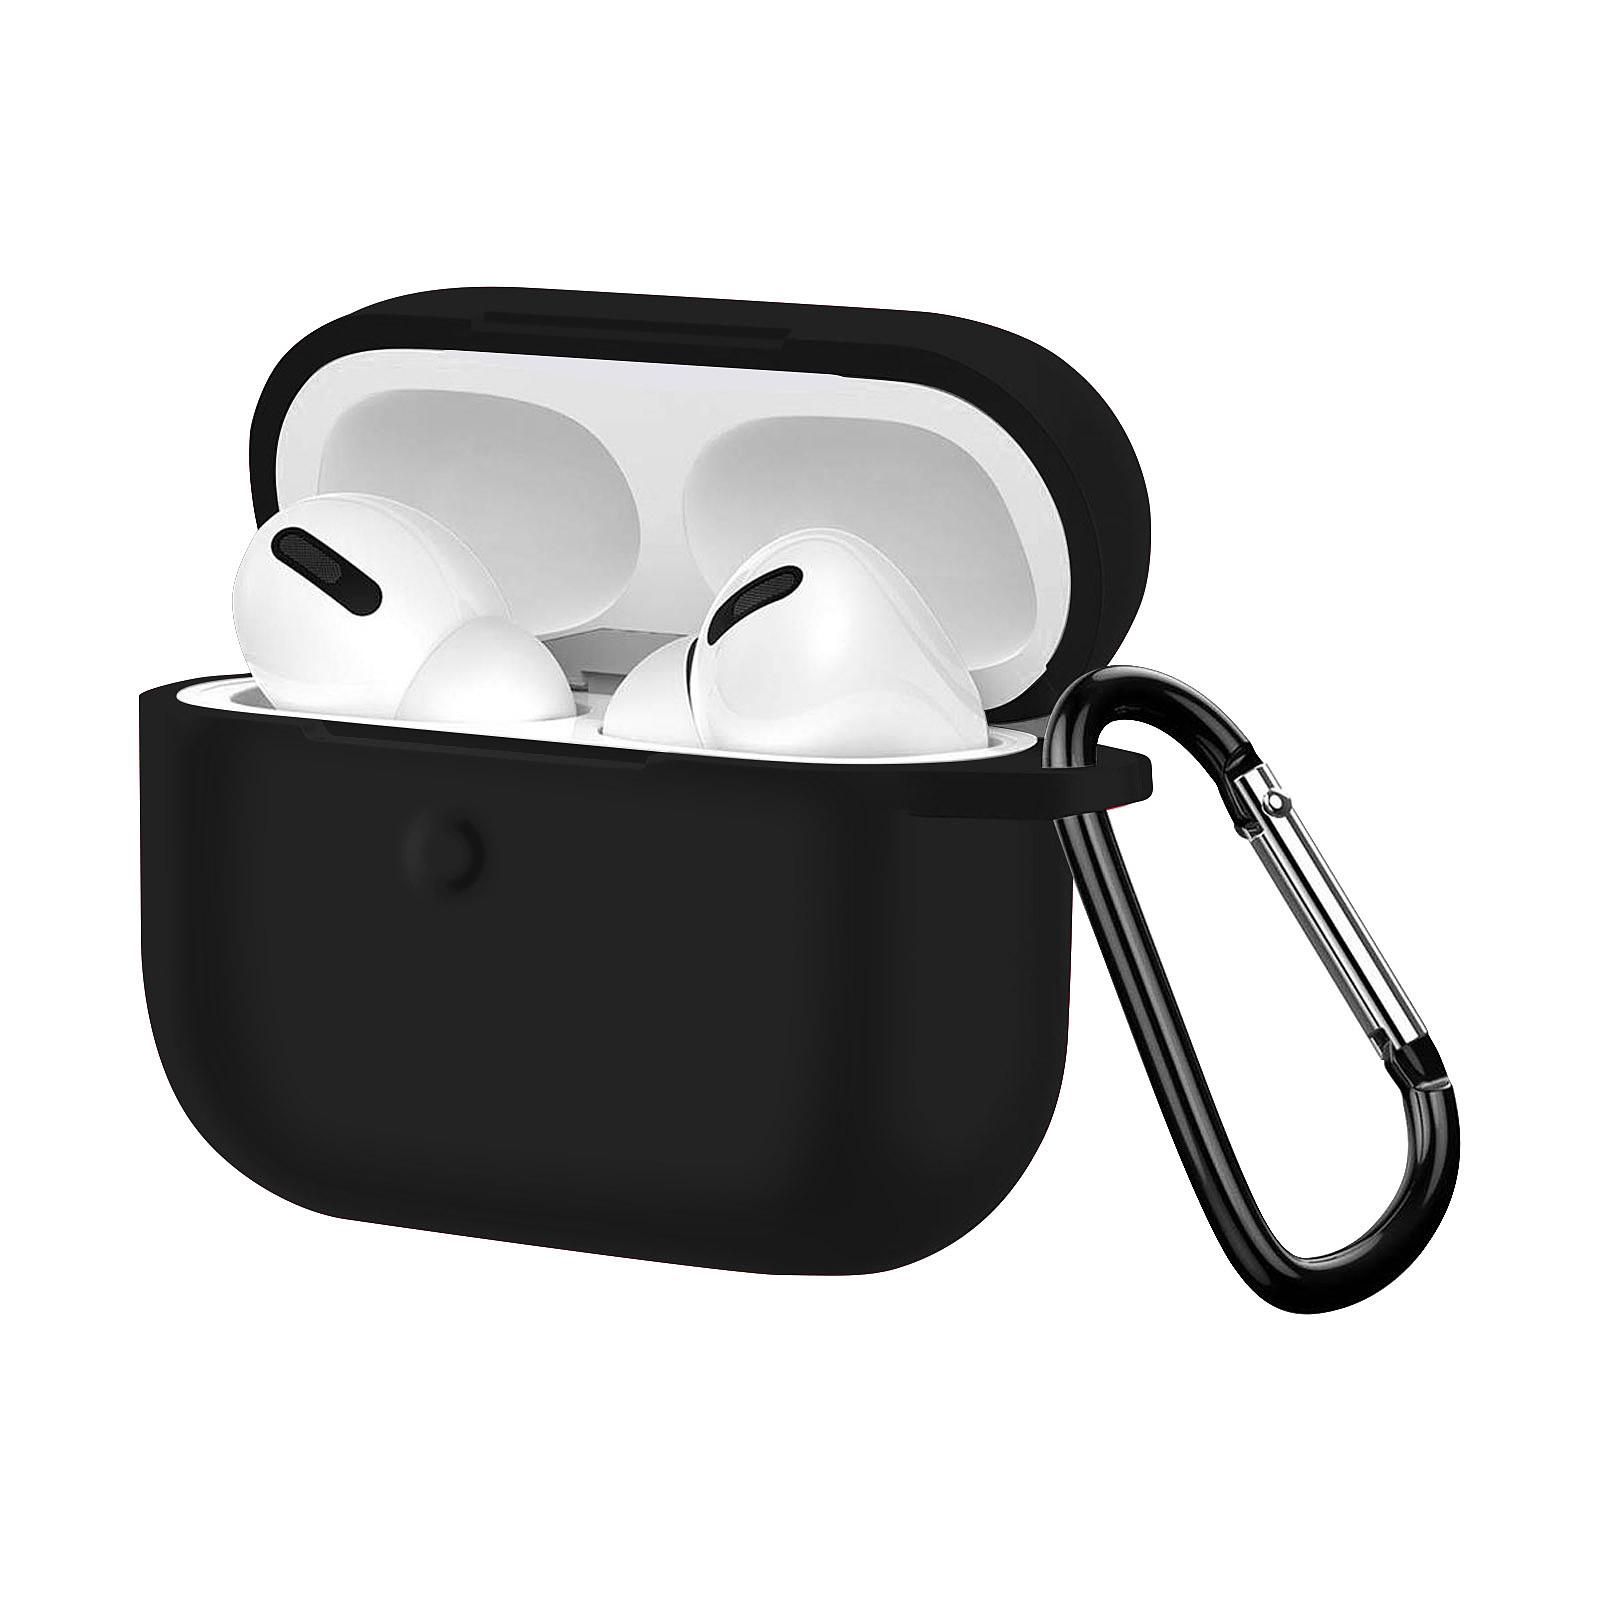 Avizar Coque Noir pour Apple AirPods Pro